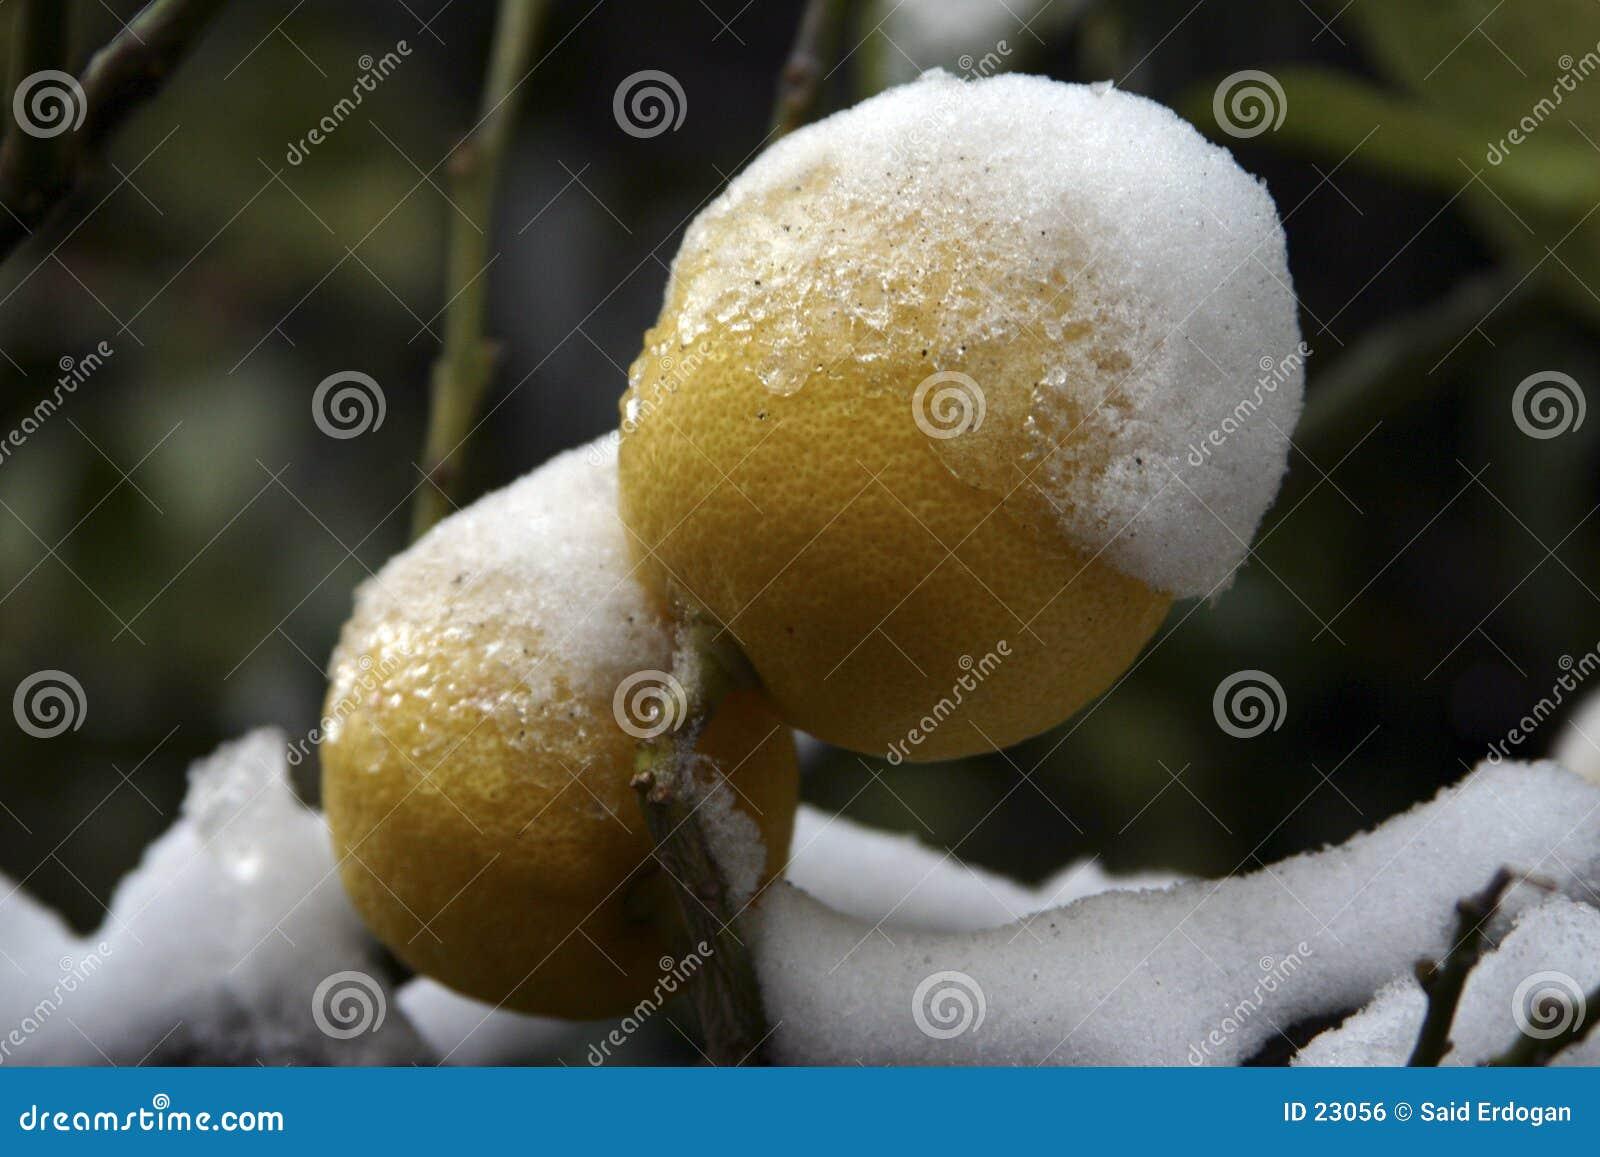 Citron för cold ii